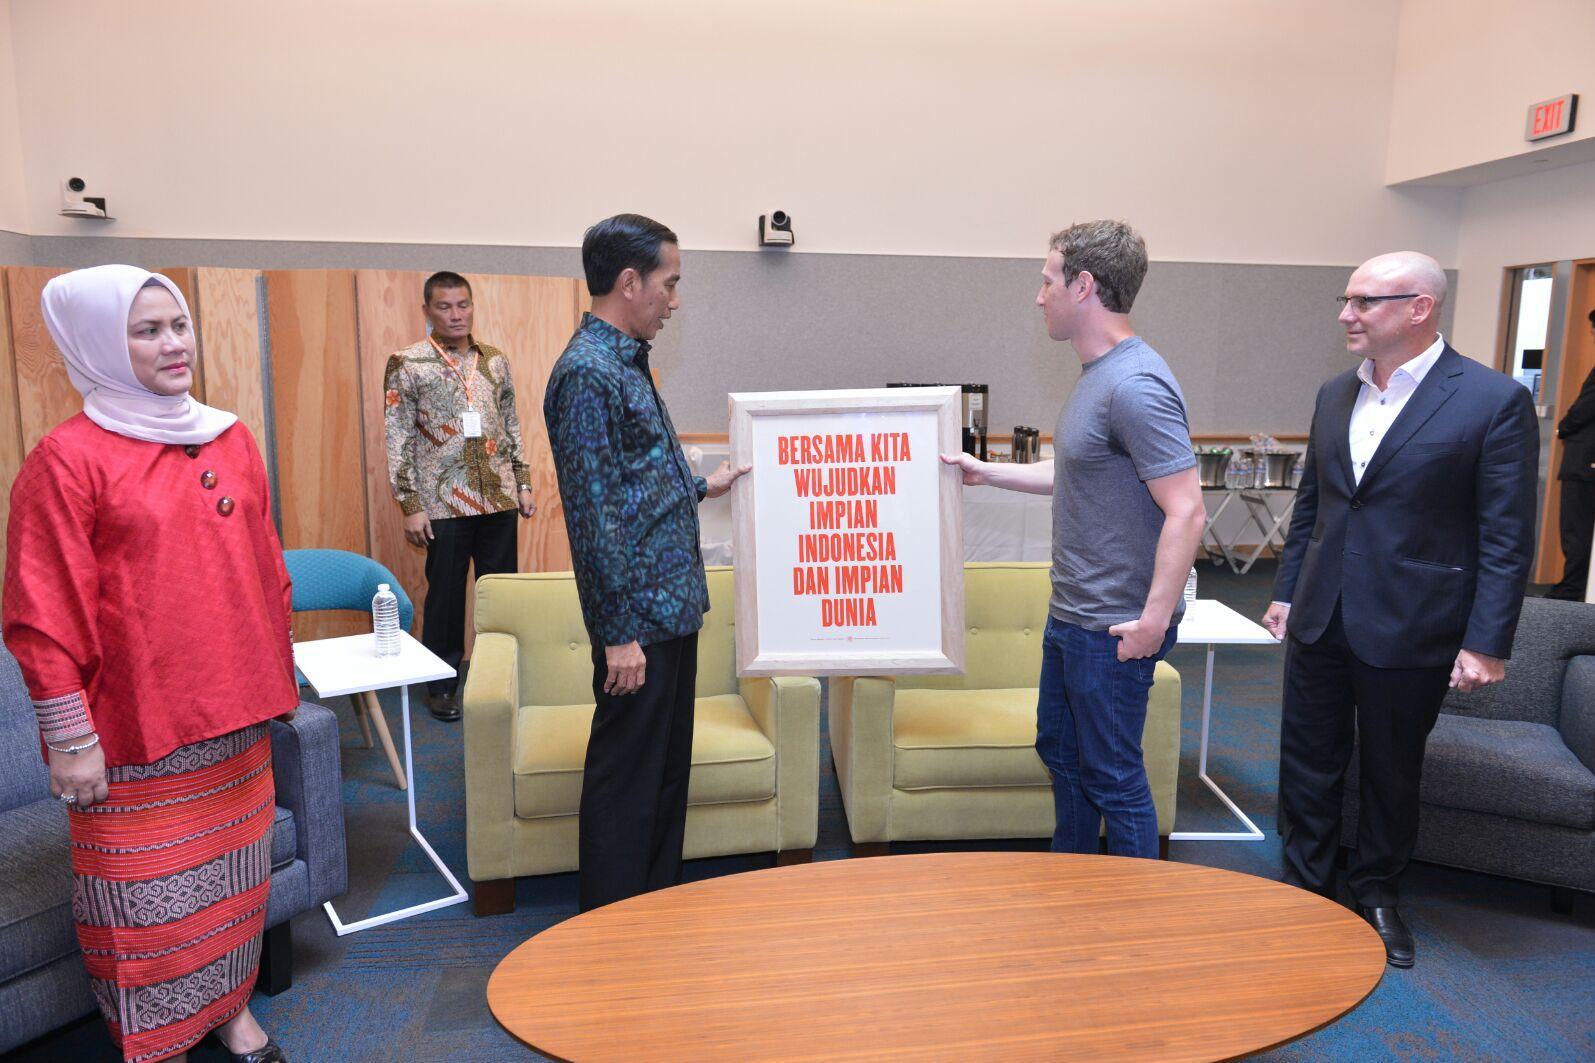 Presiden Jokowi didampingi Ibu Negara memberi bingkai pernyataan kepada Mark Zuckerberg di San Fransisco.